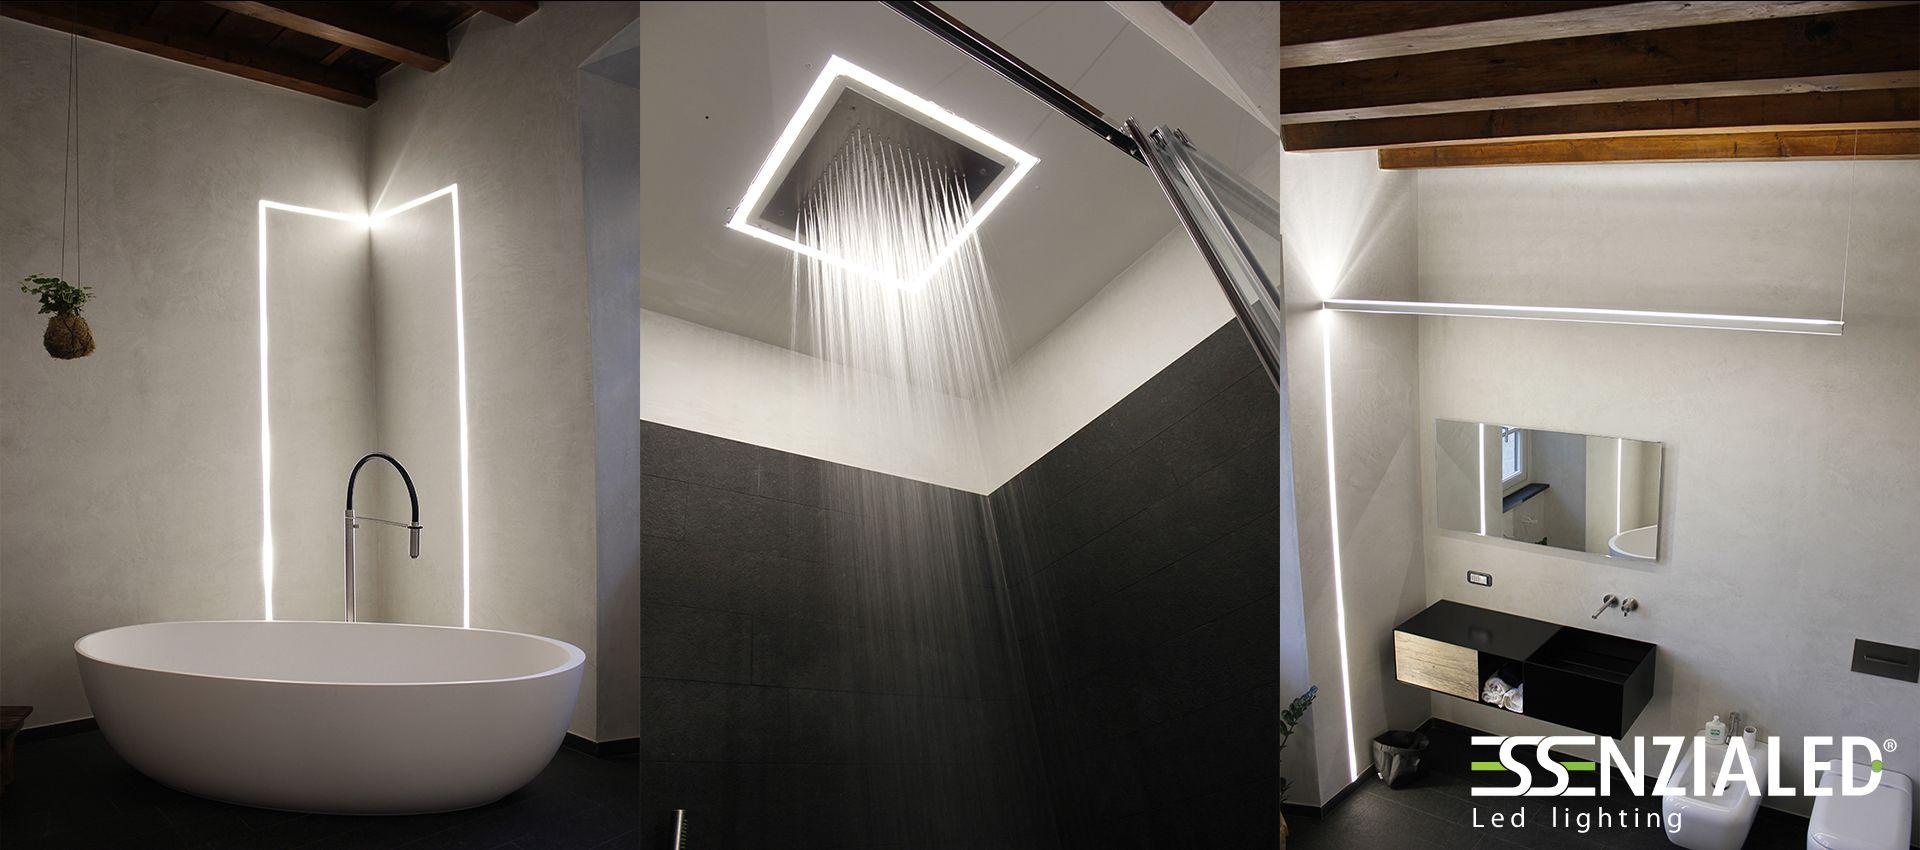 Tagli di luce a parete - Linee di luce a led Essenzialed  Home Lighting  Pinterest  Mood ...